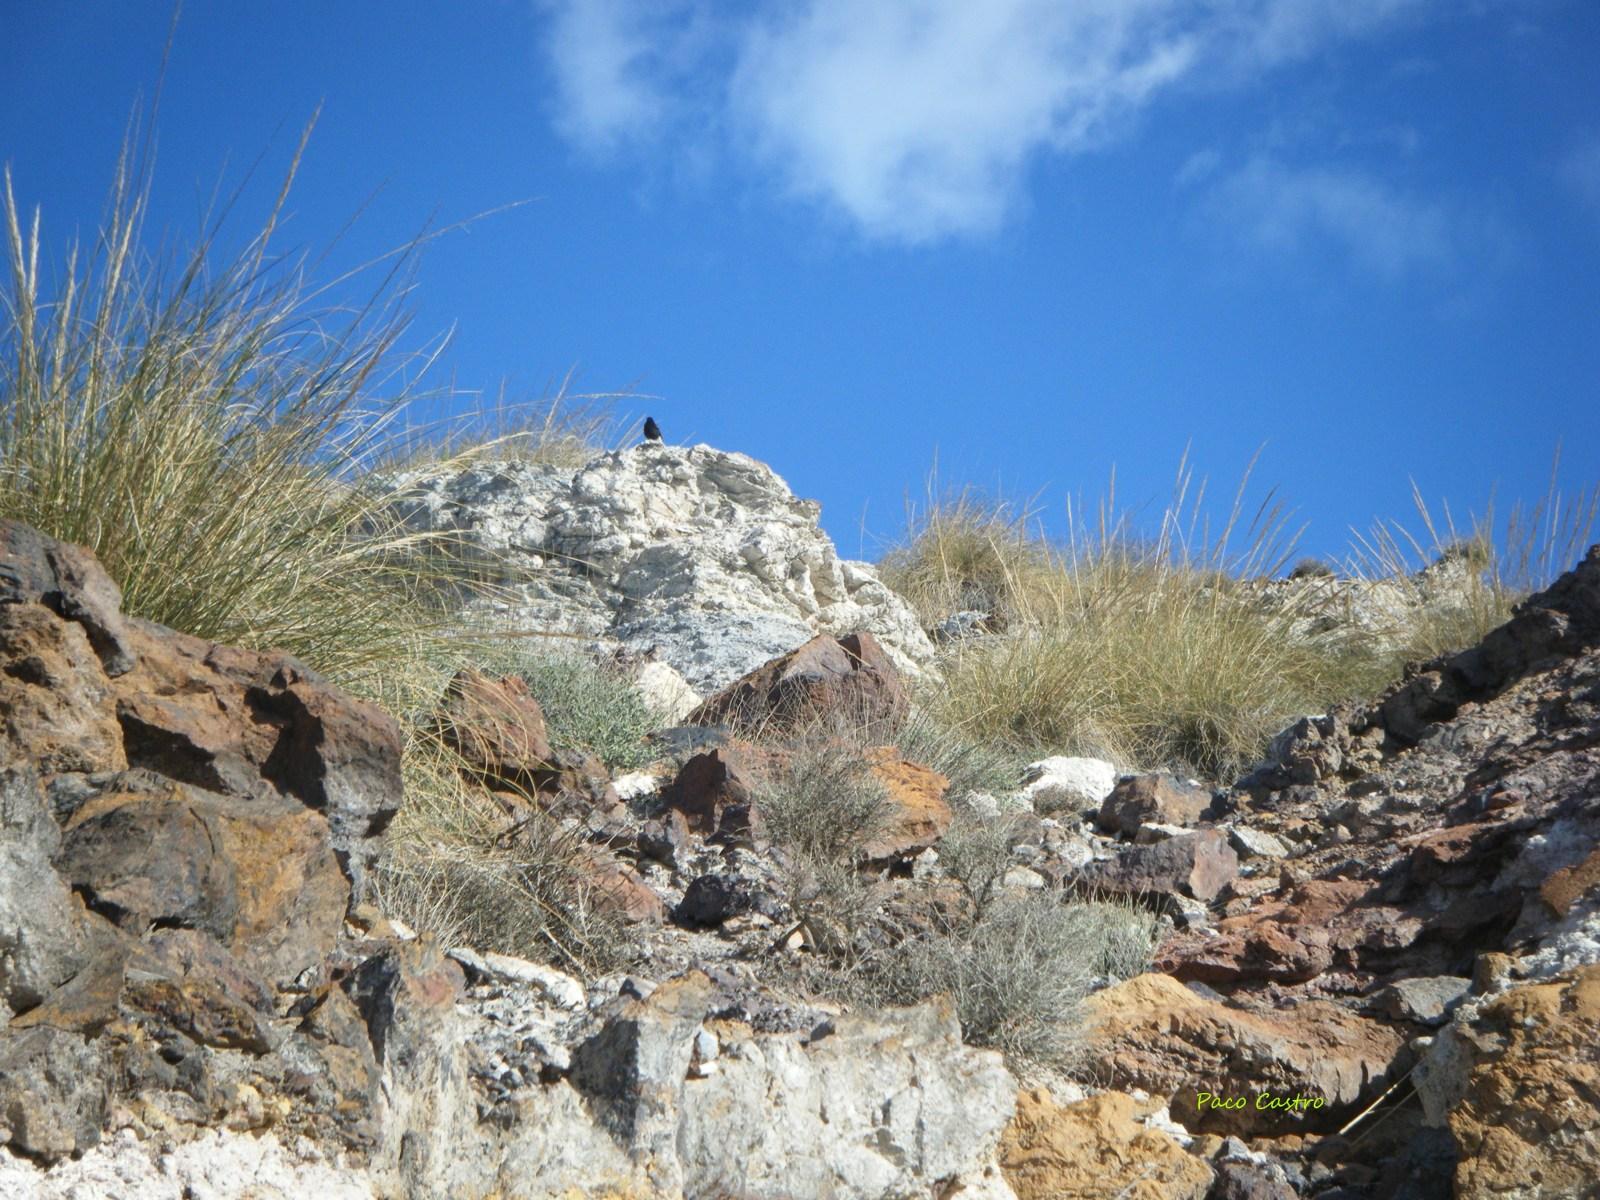 Mina Quince de Noviembre, Los Baños de Sierra Alhamilla, Pechina, Almeria, Andalucia, España E7gjv8